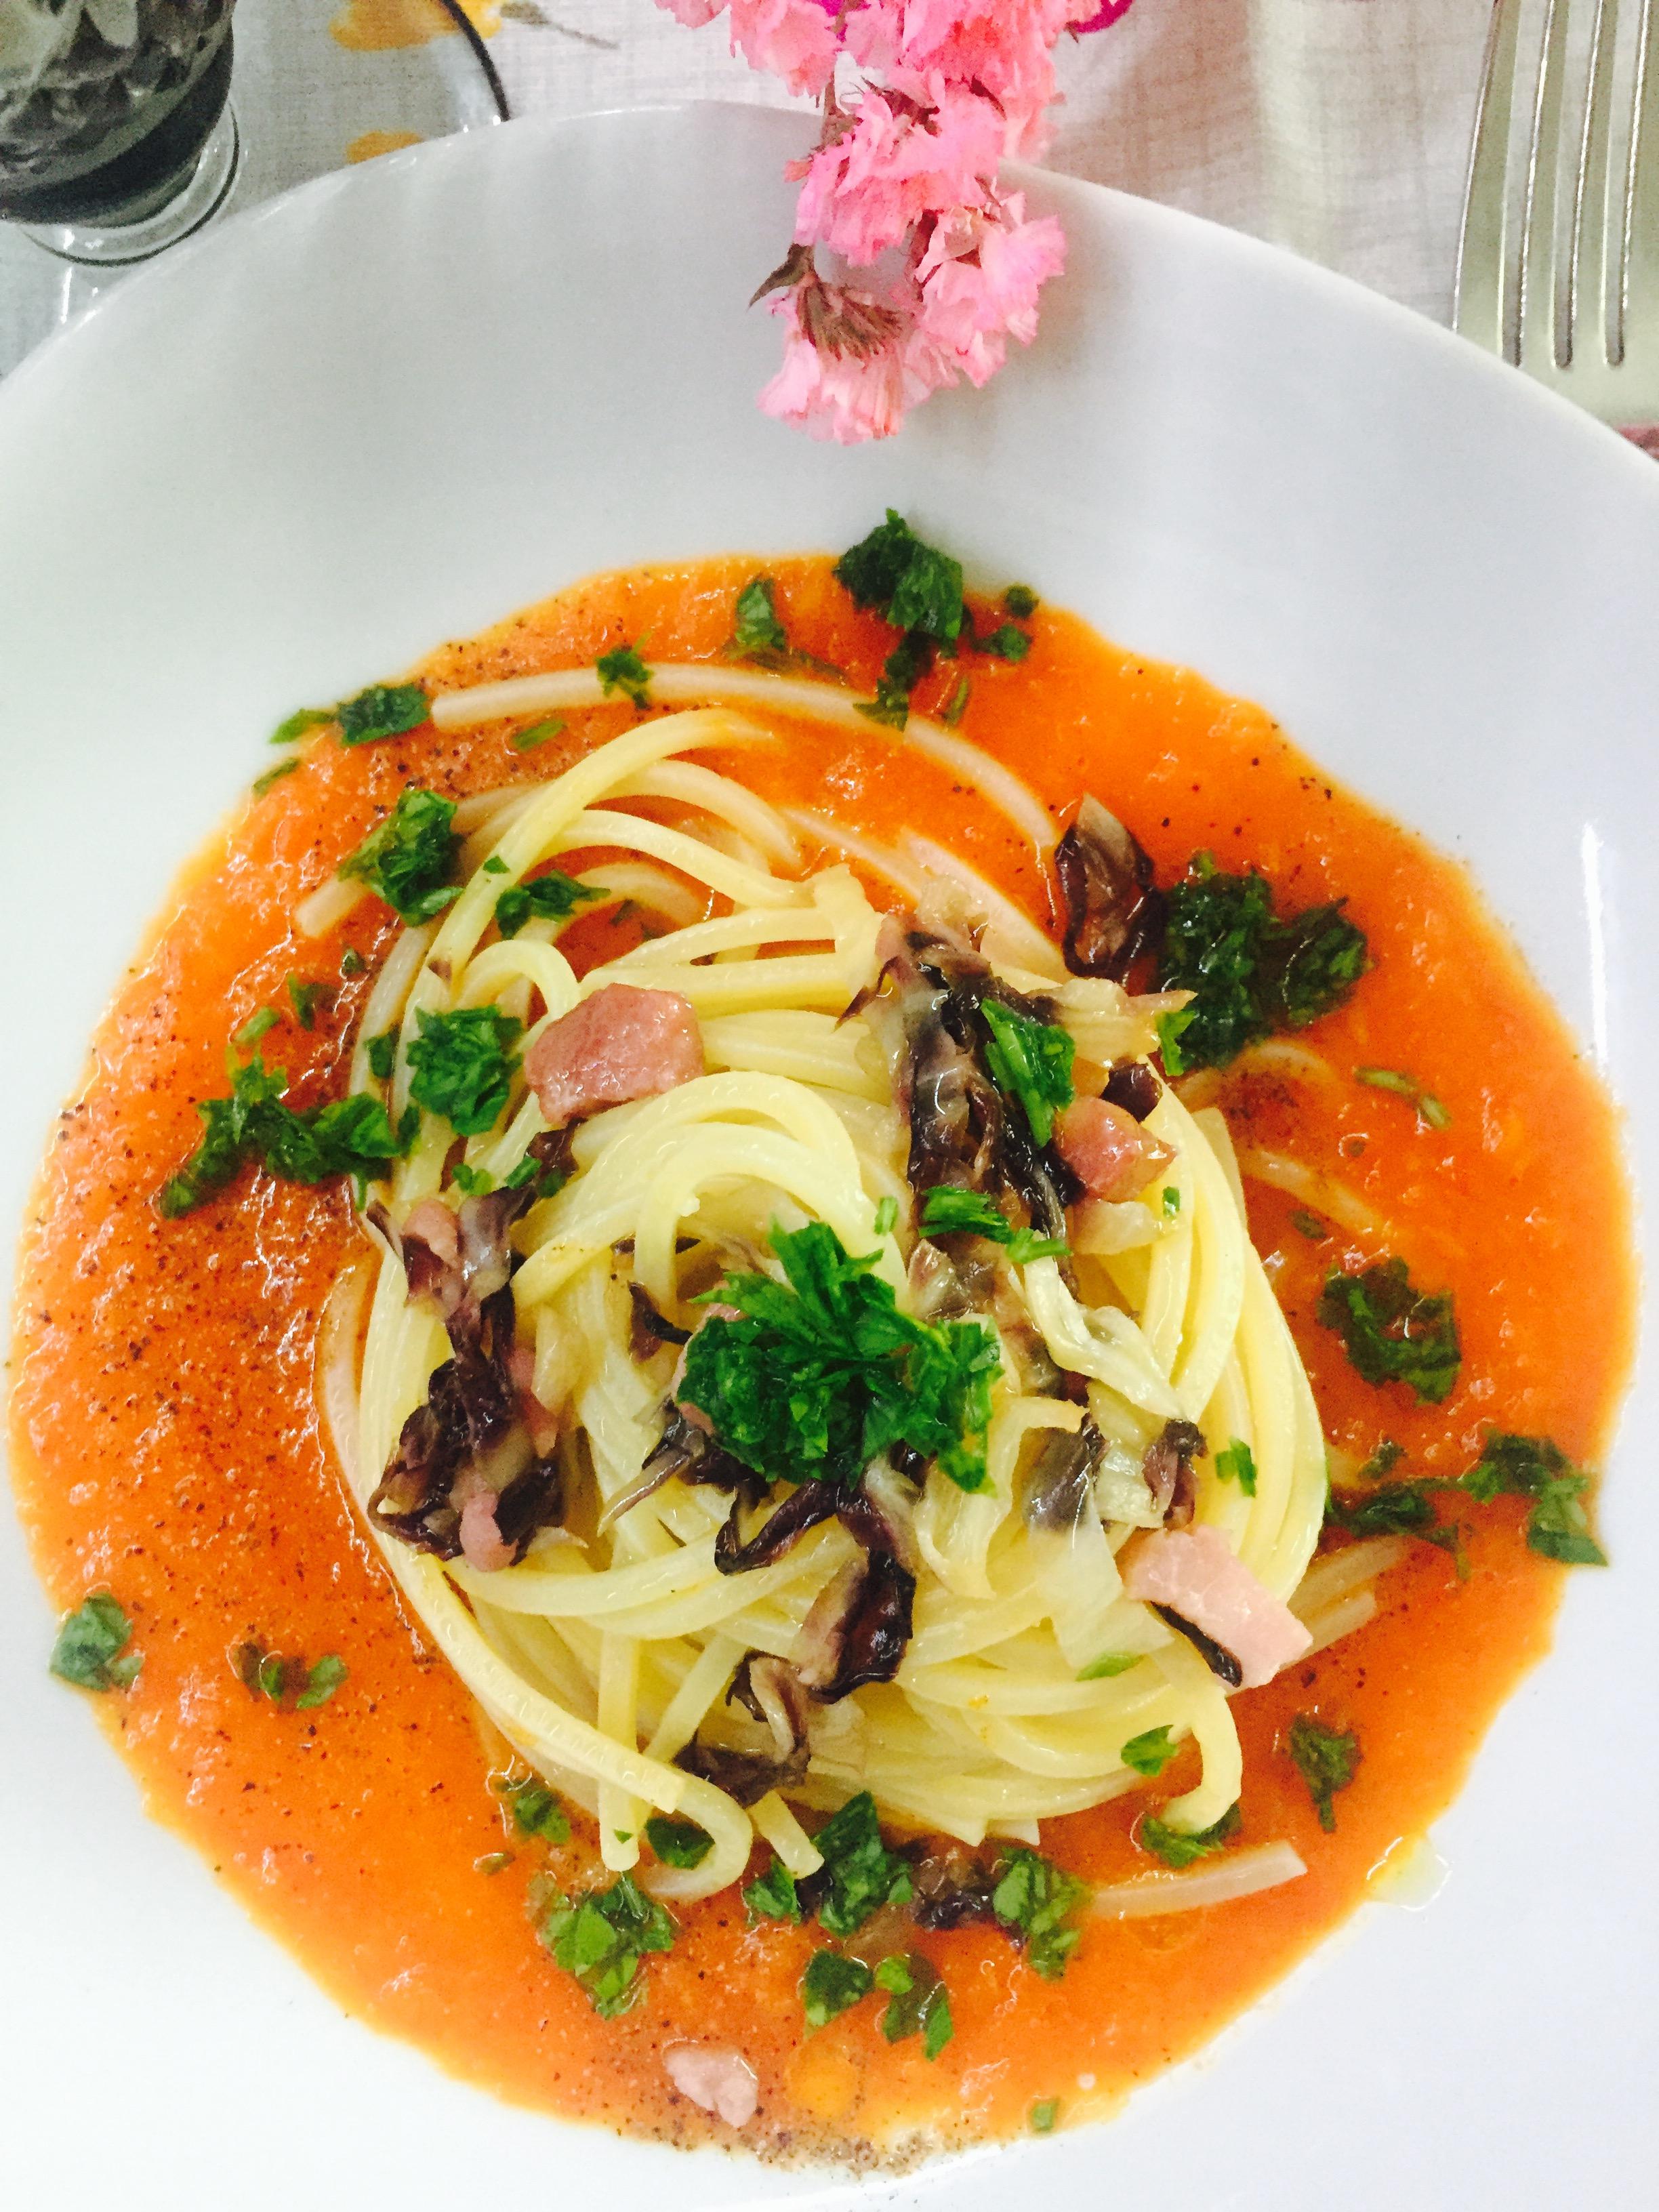 Chitarrine alla salsa di peperoni blog di cucinachepassione for Sognare asciugamani